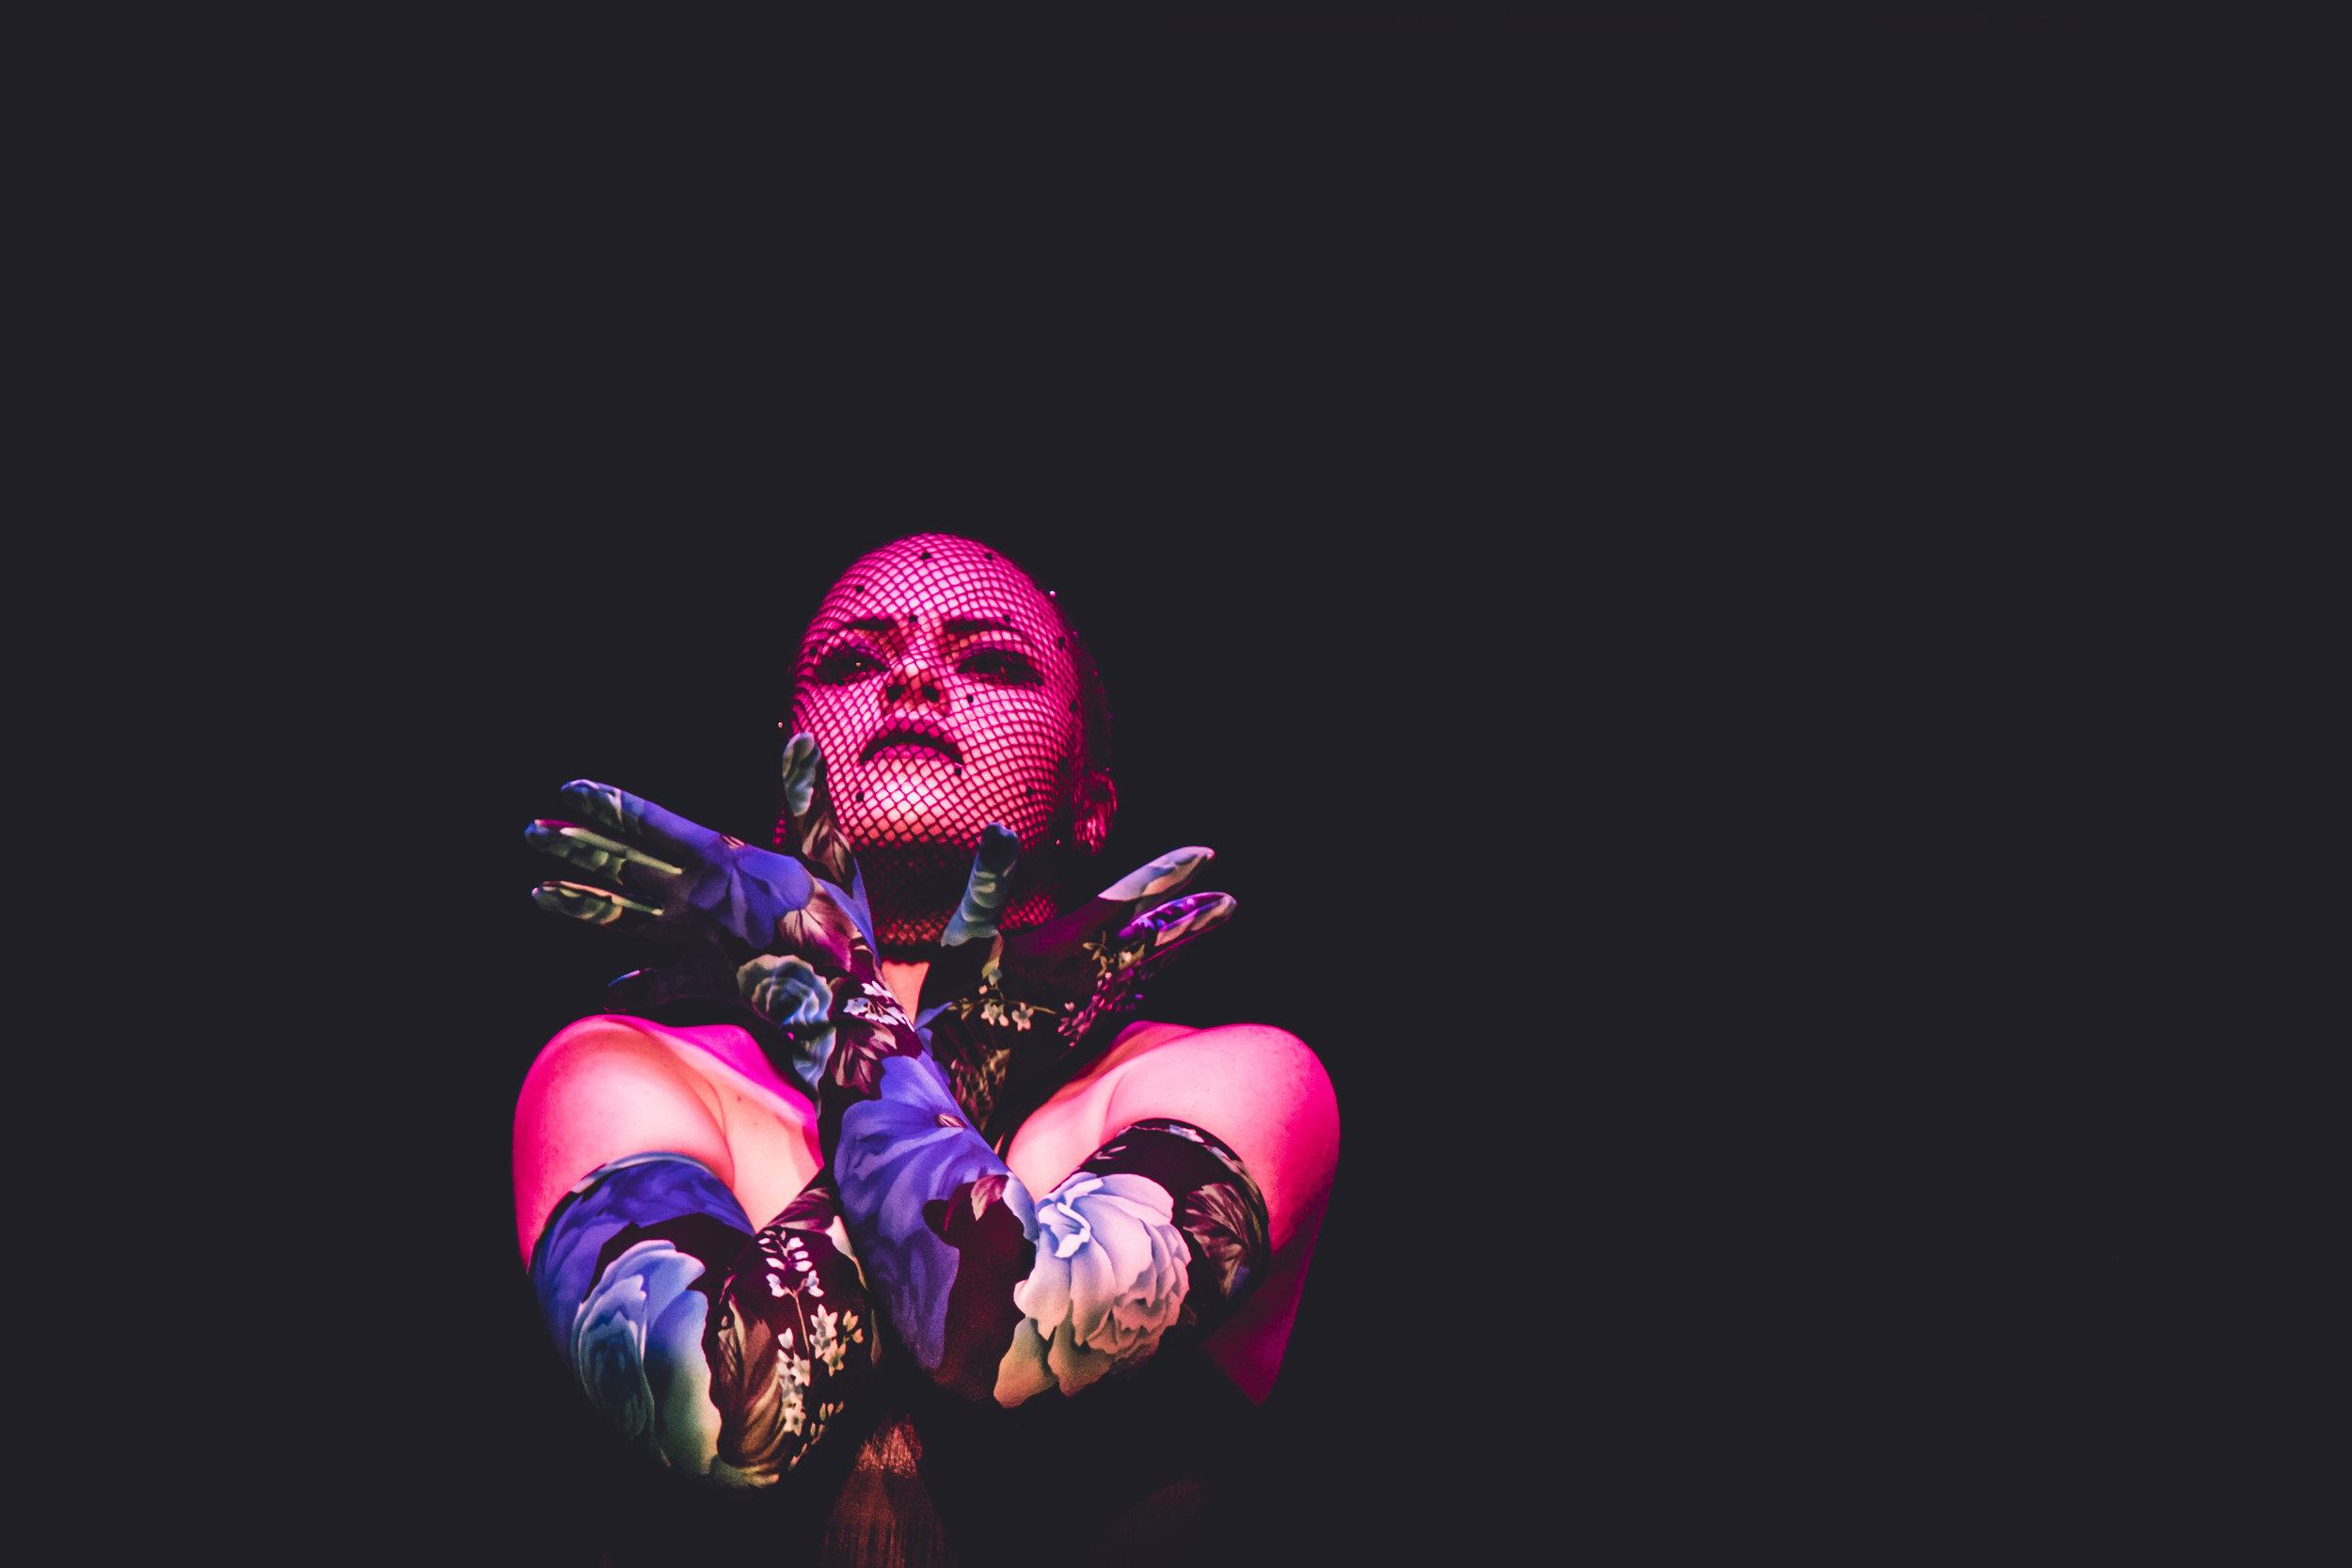 Brenna Crowley